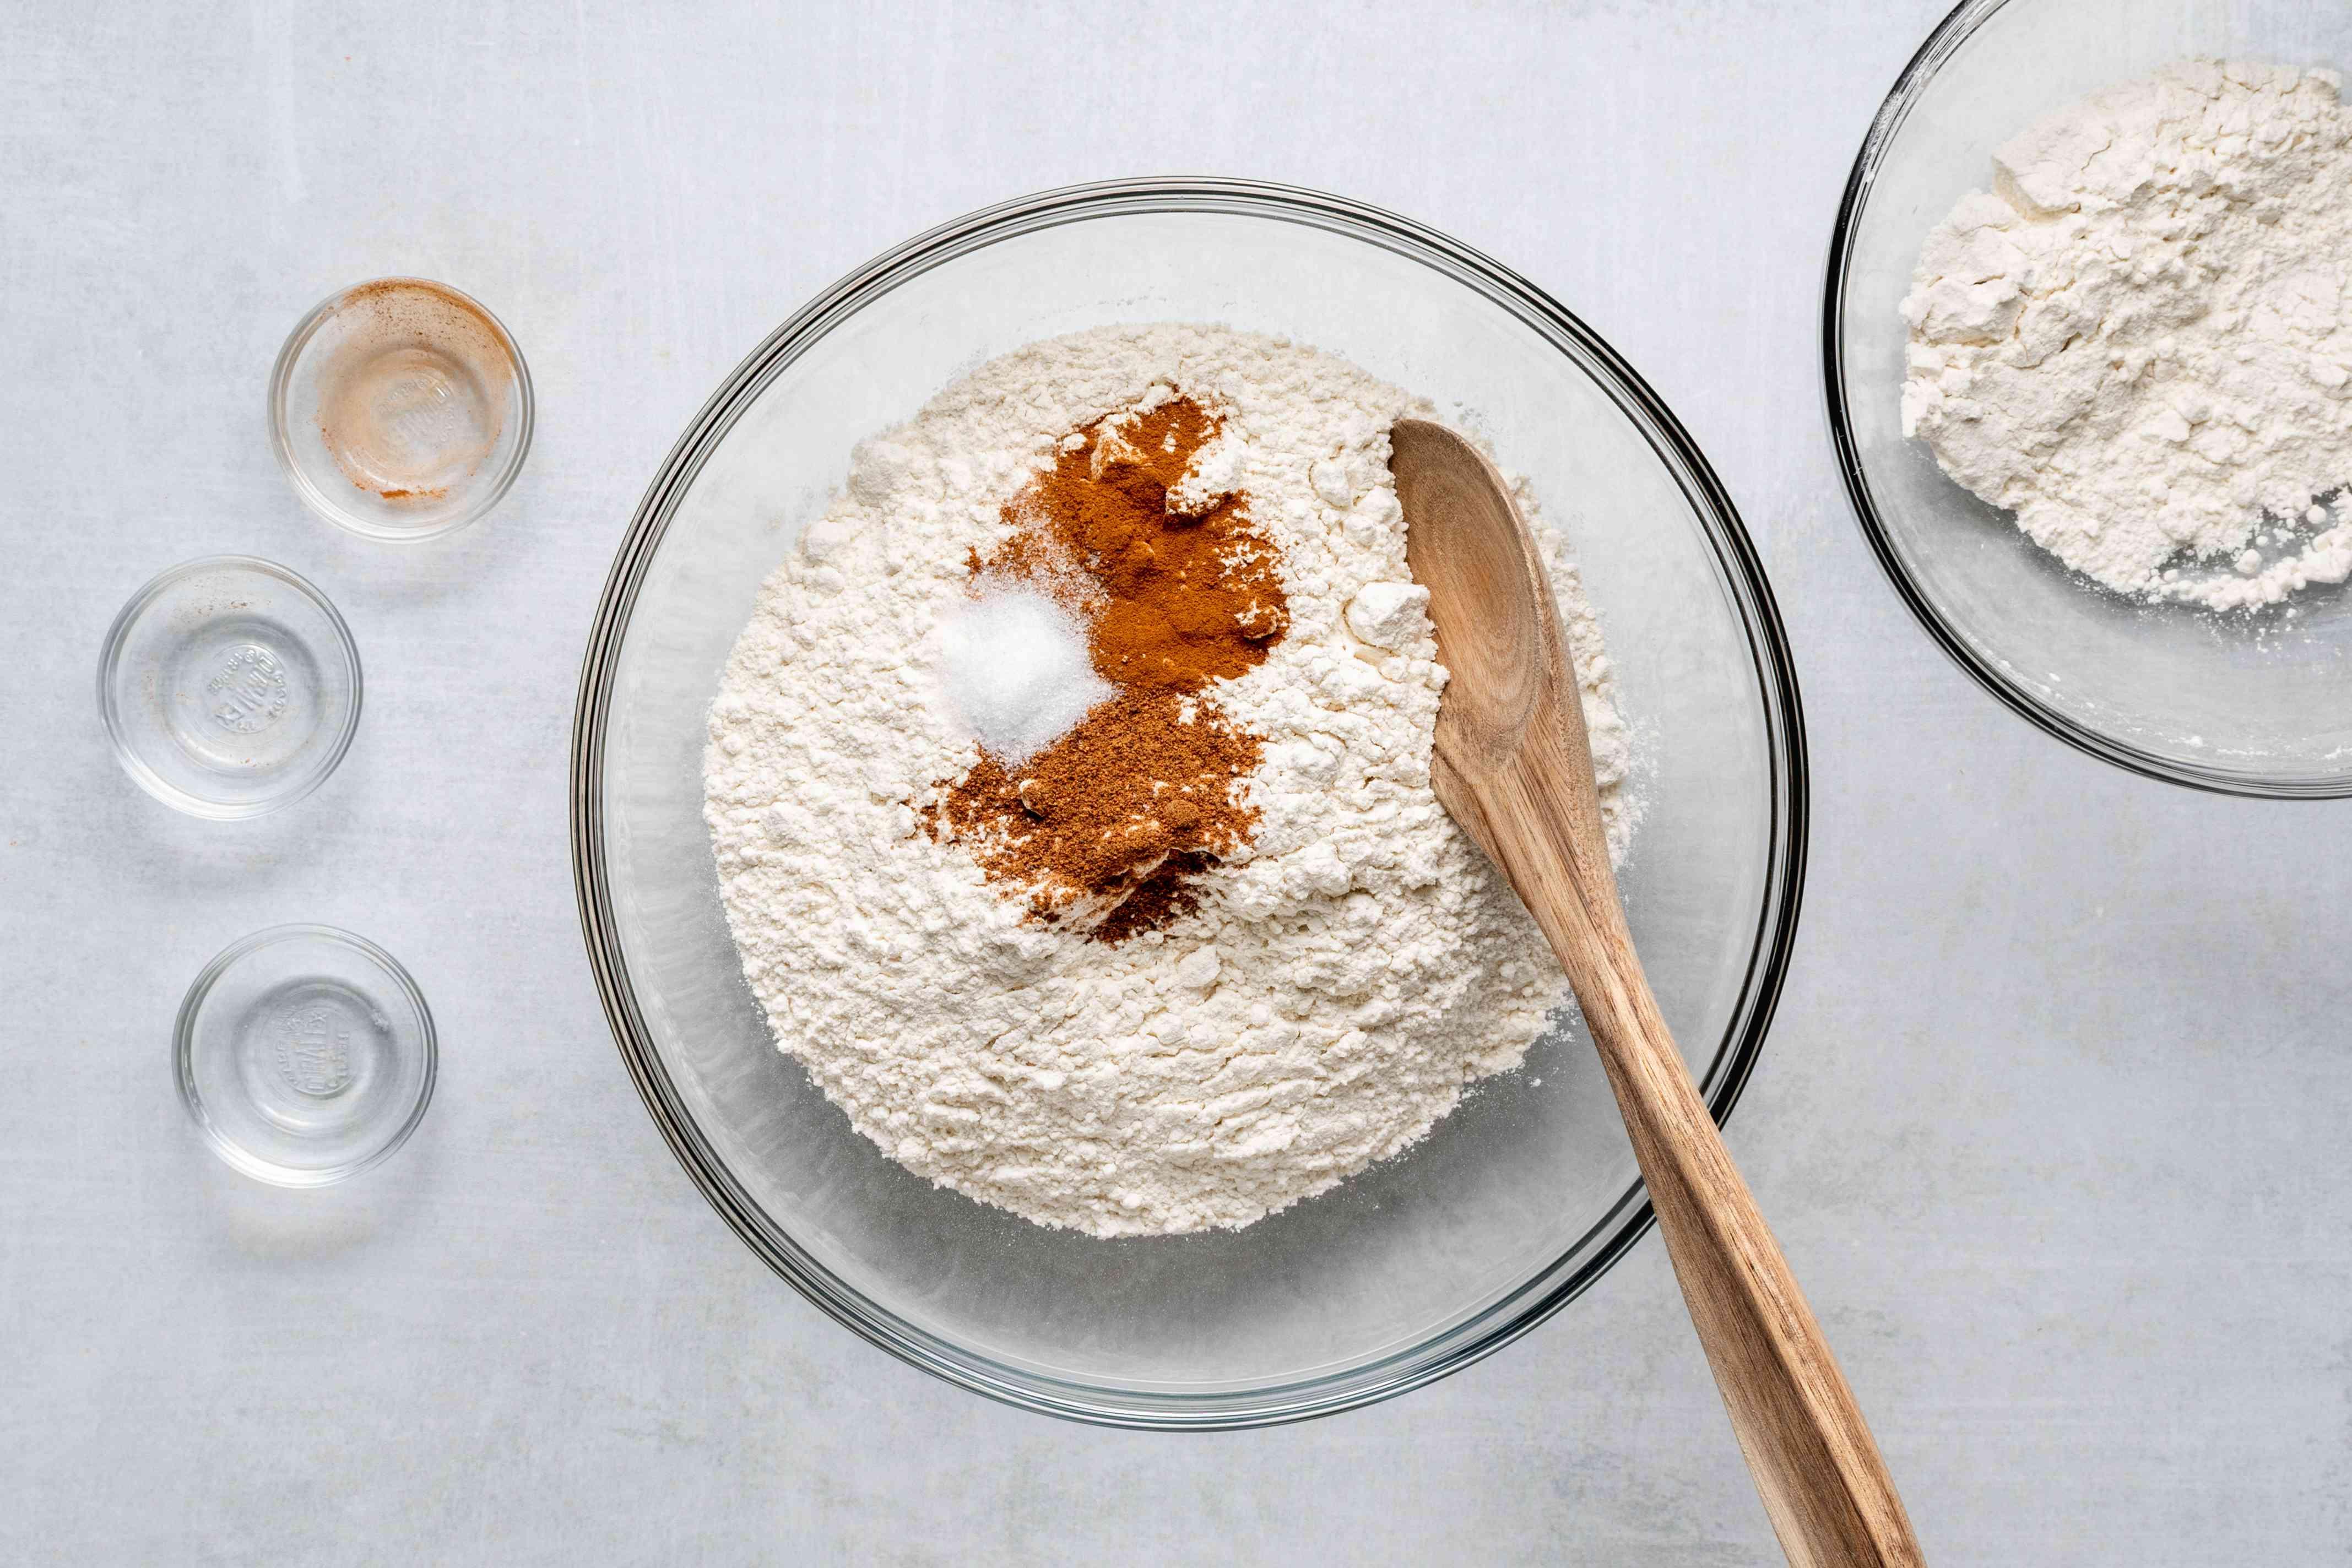 flour, salt, cinnamon and nutmeg in a bowl